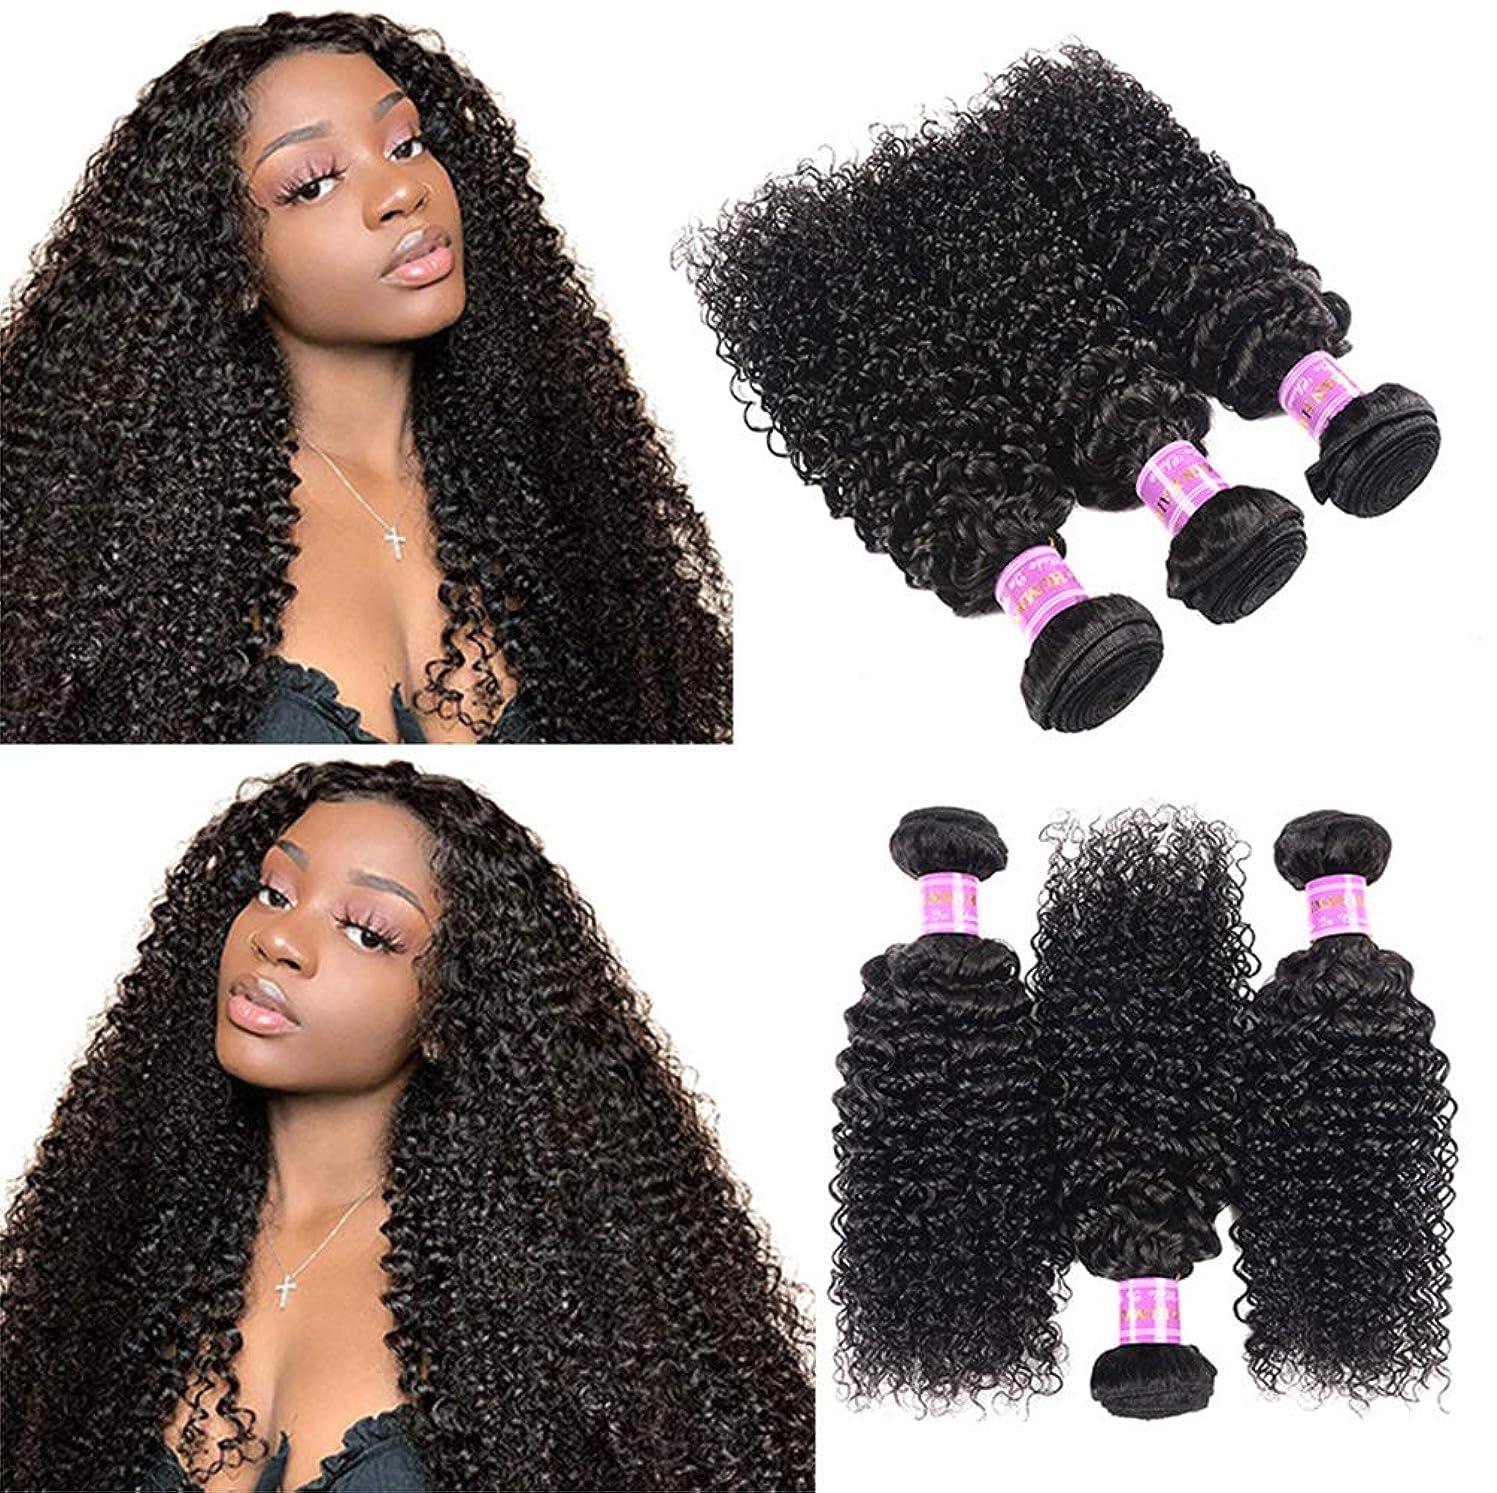 ビスケットの中で時制女性150%密度ブラジルの水の波髪の束100%の未処理のバージンレミー人間の毛髪の拡張子1バンドル変態巻き毛